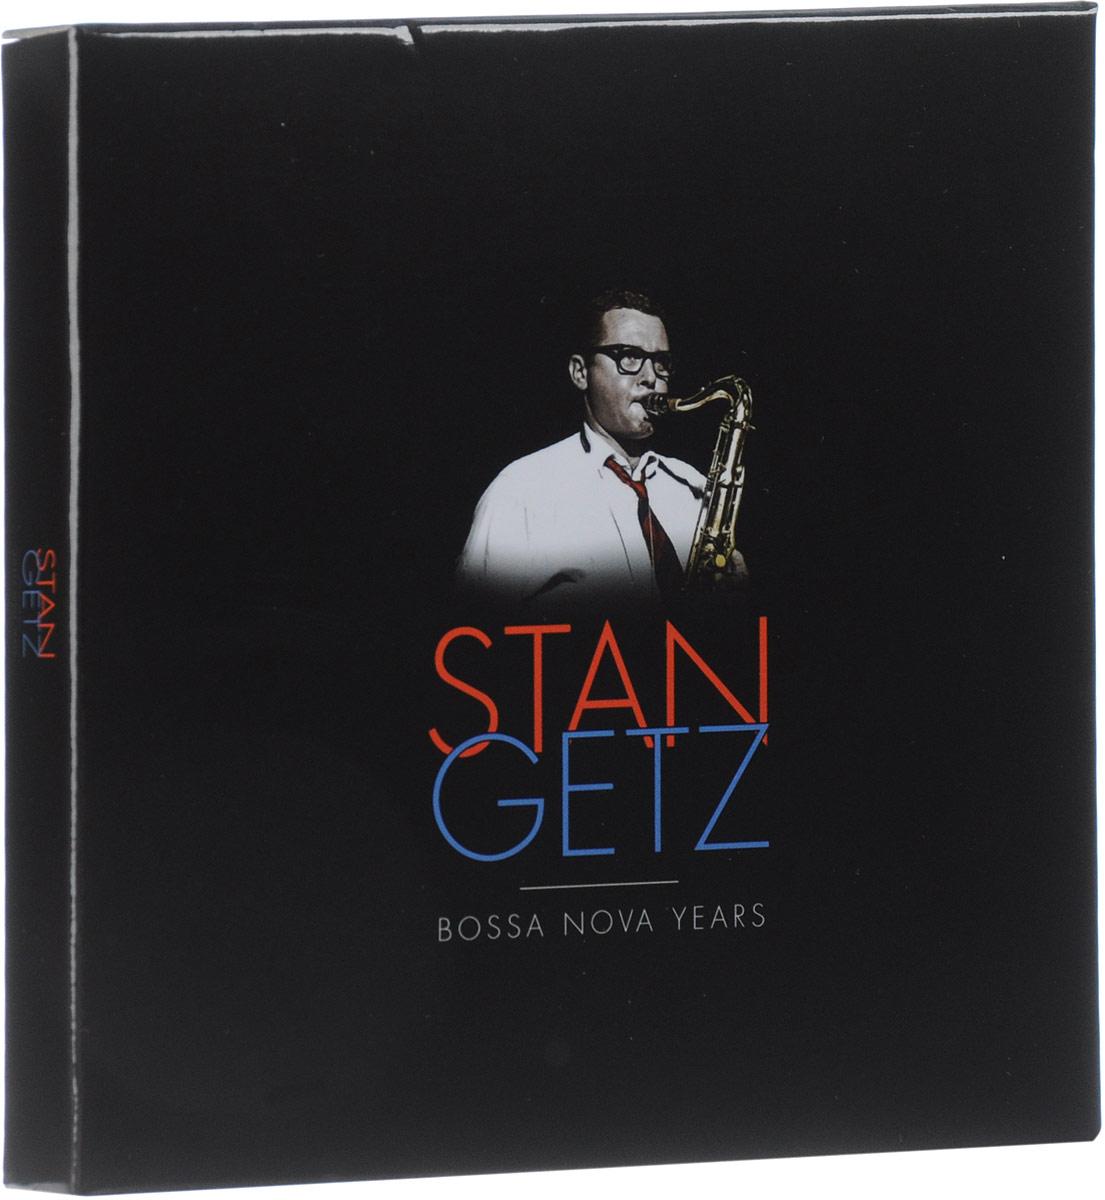 Стэн Гетц,Жоао Жильберто,Лауриндо Альмейда Stan Getz. Bossa Nova Years (5 CD) альмейда лауриндо классическая гитара в джазе